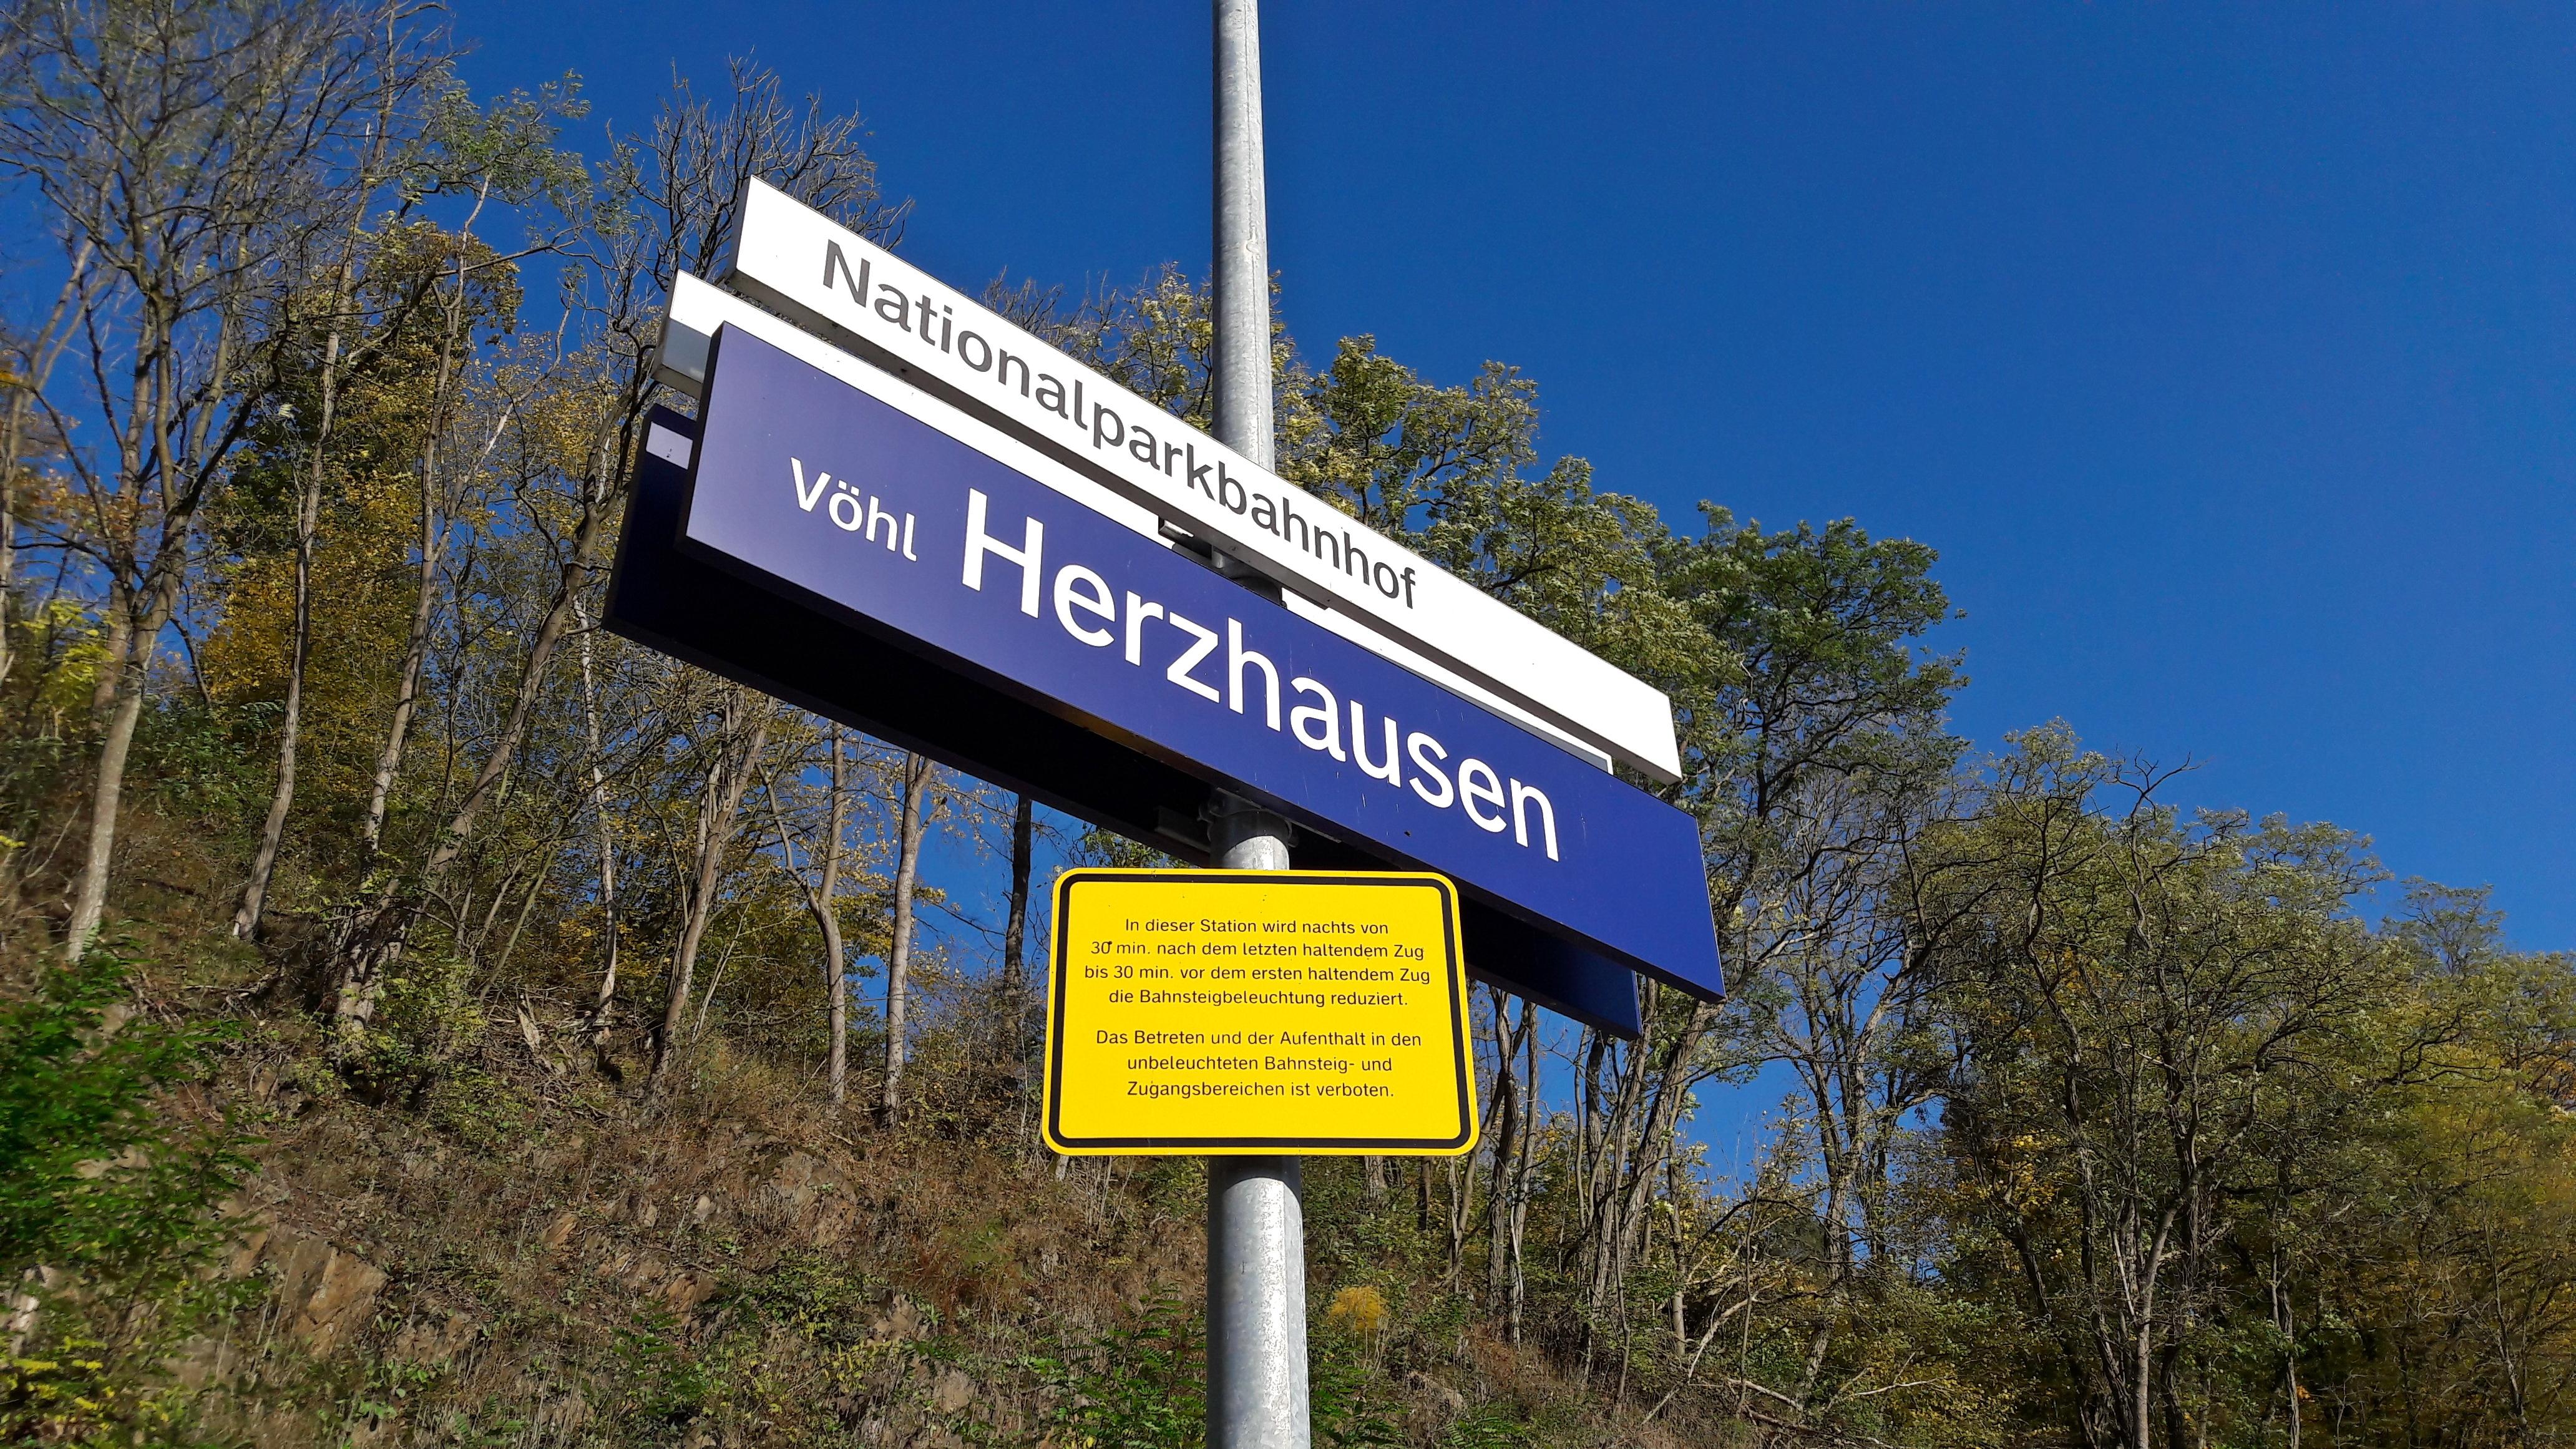 """""""Nationalparkbahnhof"""" Vöhl-Herzhausen"""